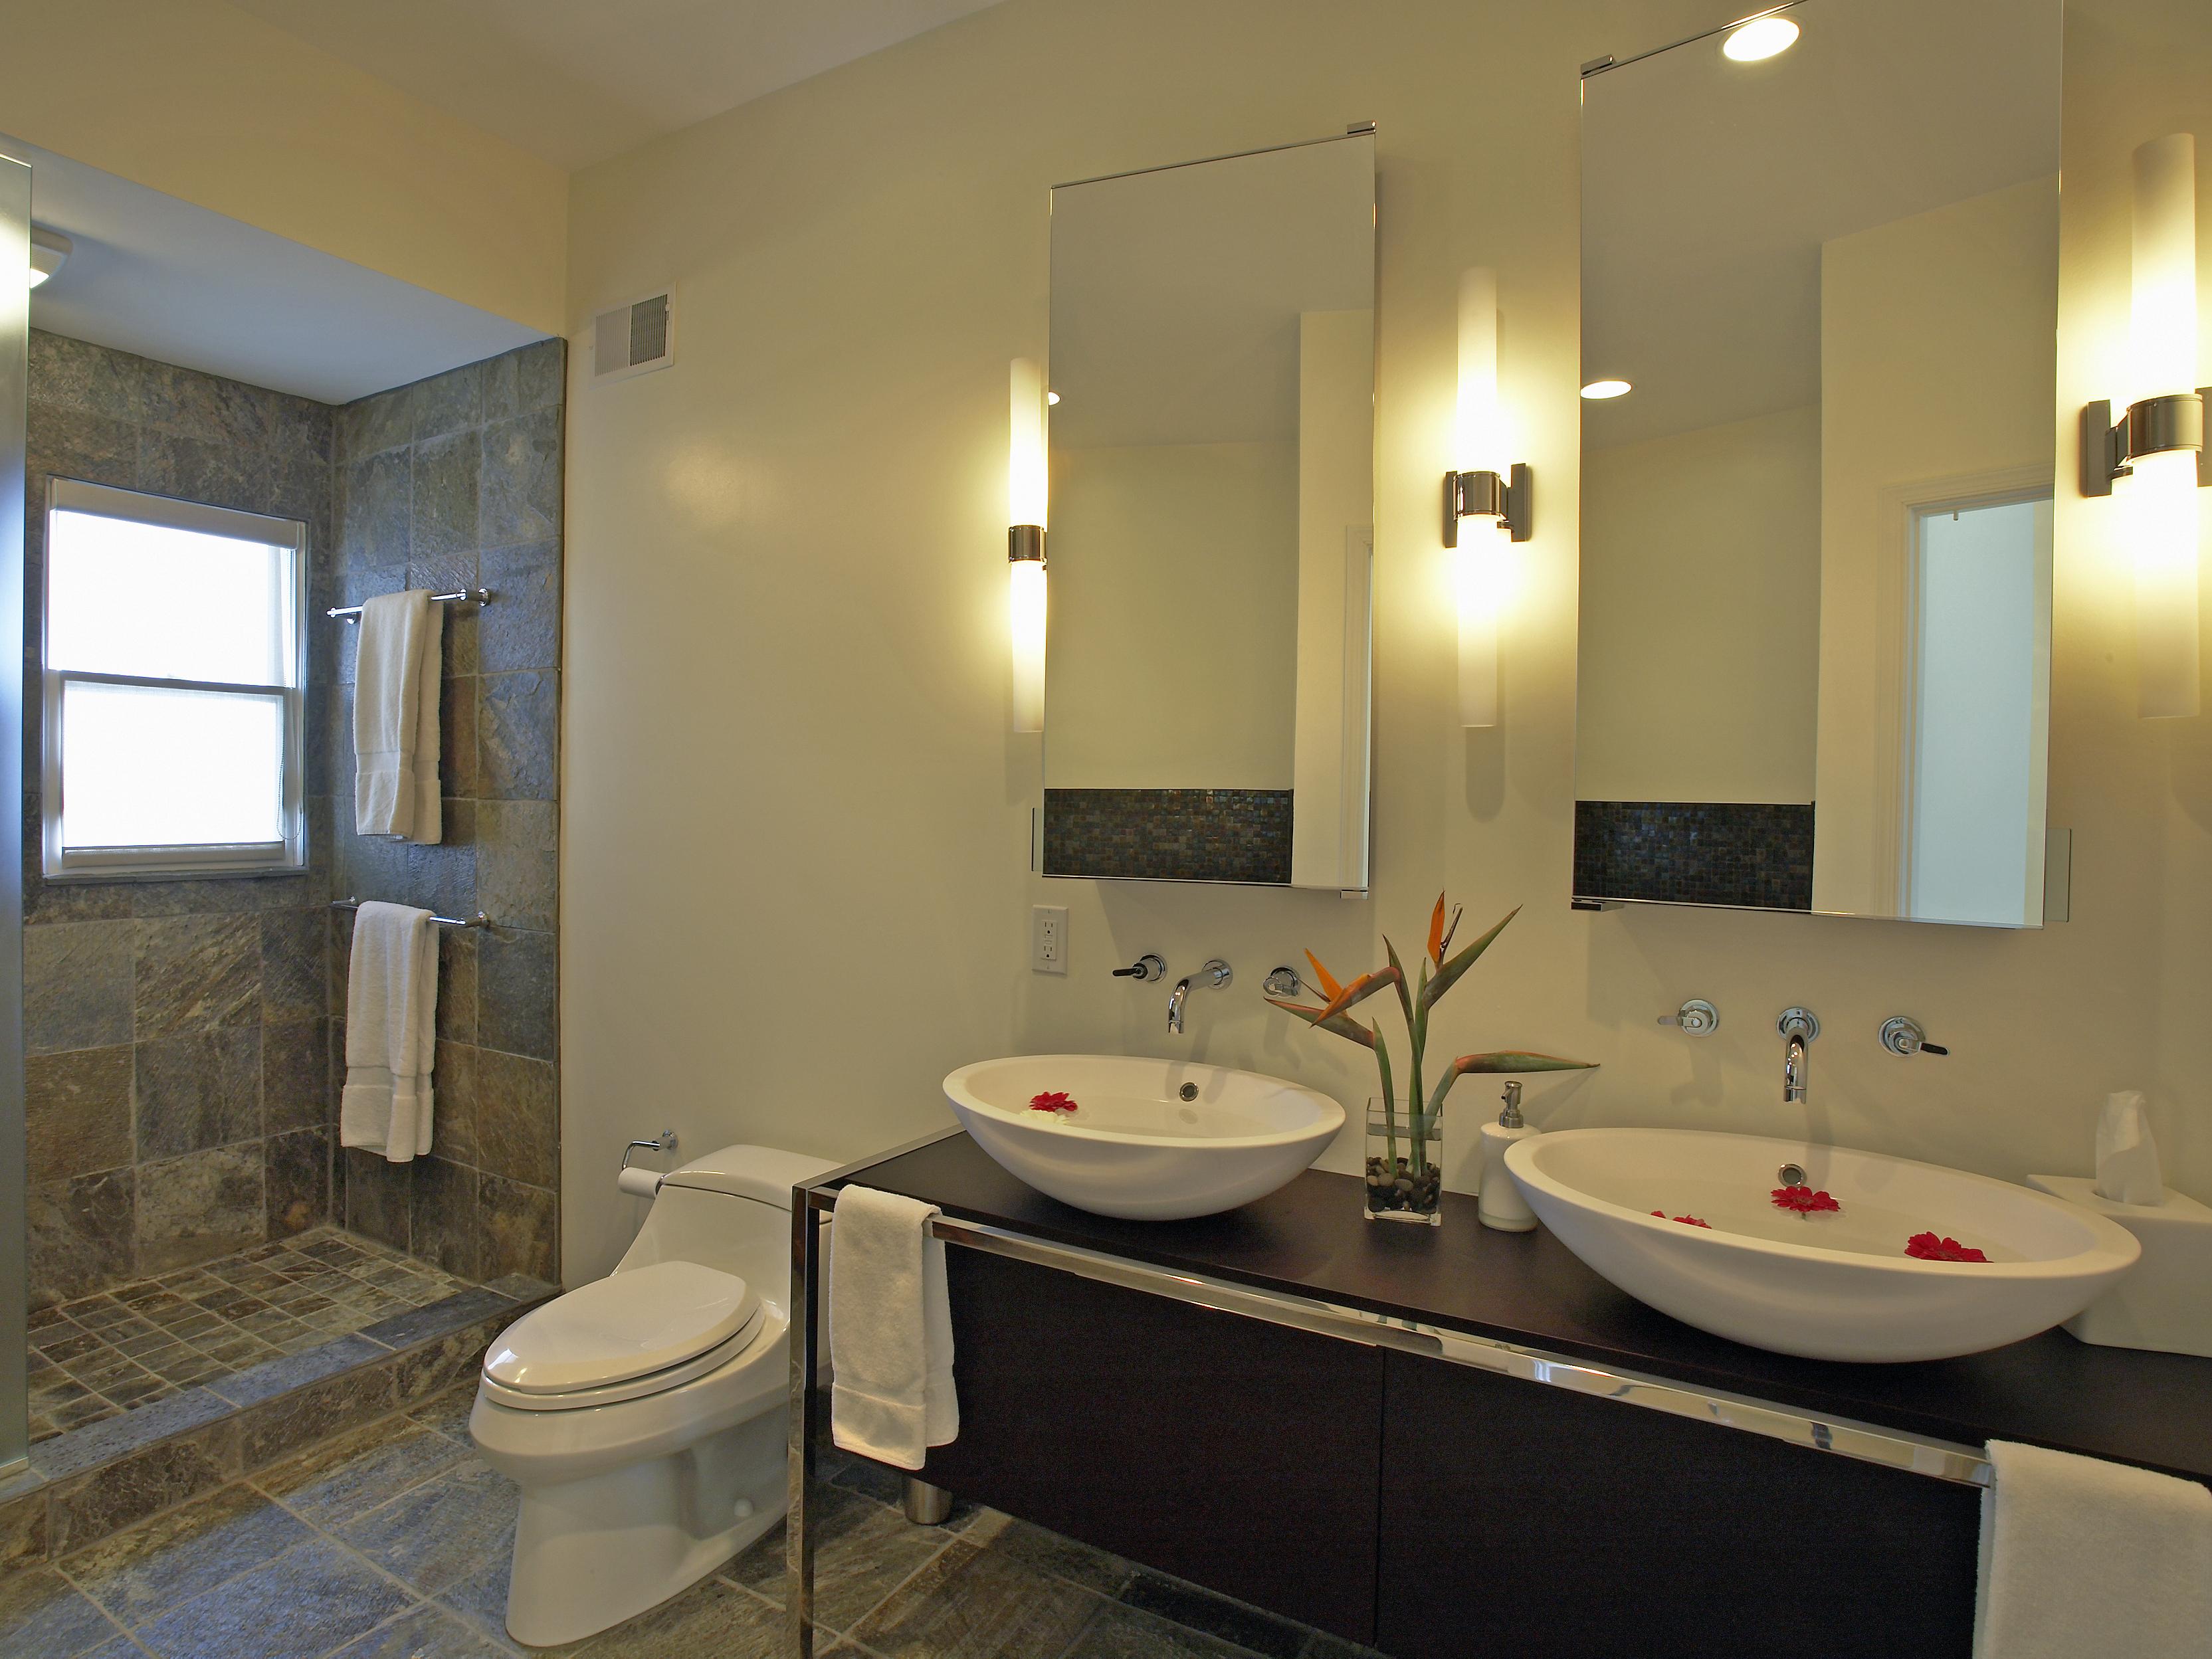 DP_Patrick-Baglino-Jr-neutral-contemporary-bathroom_s4x3